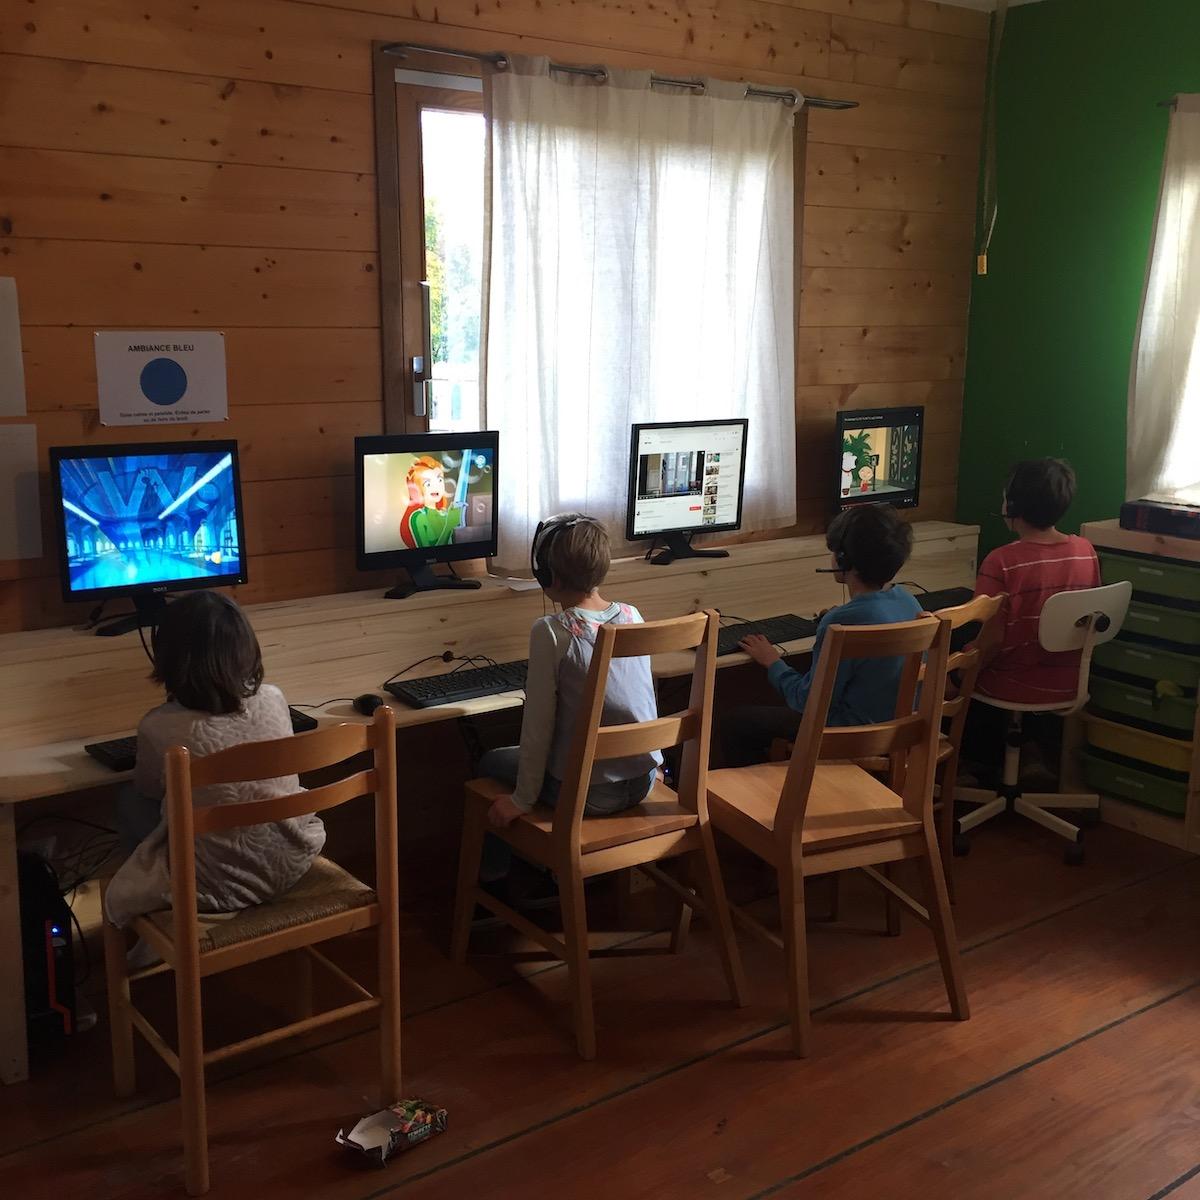 Le temps sur les ordinateurs est réglementé pour chacun des enfants